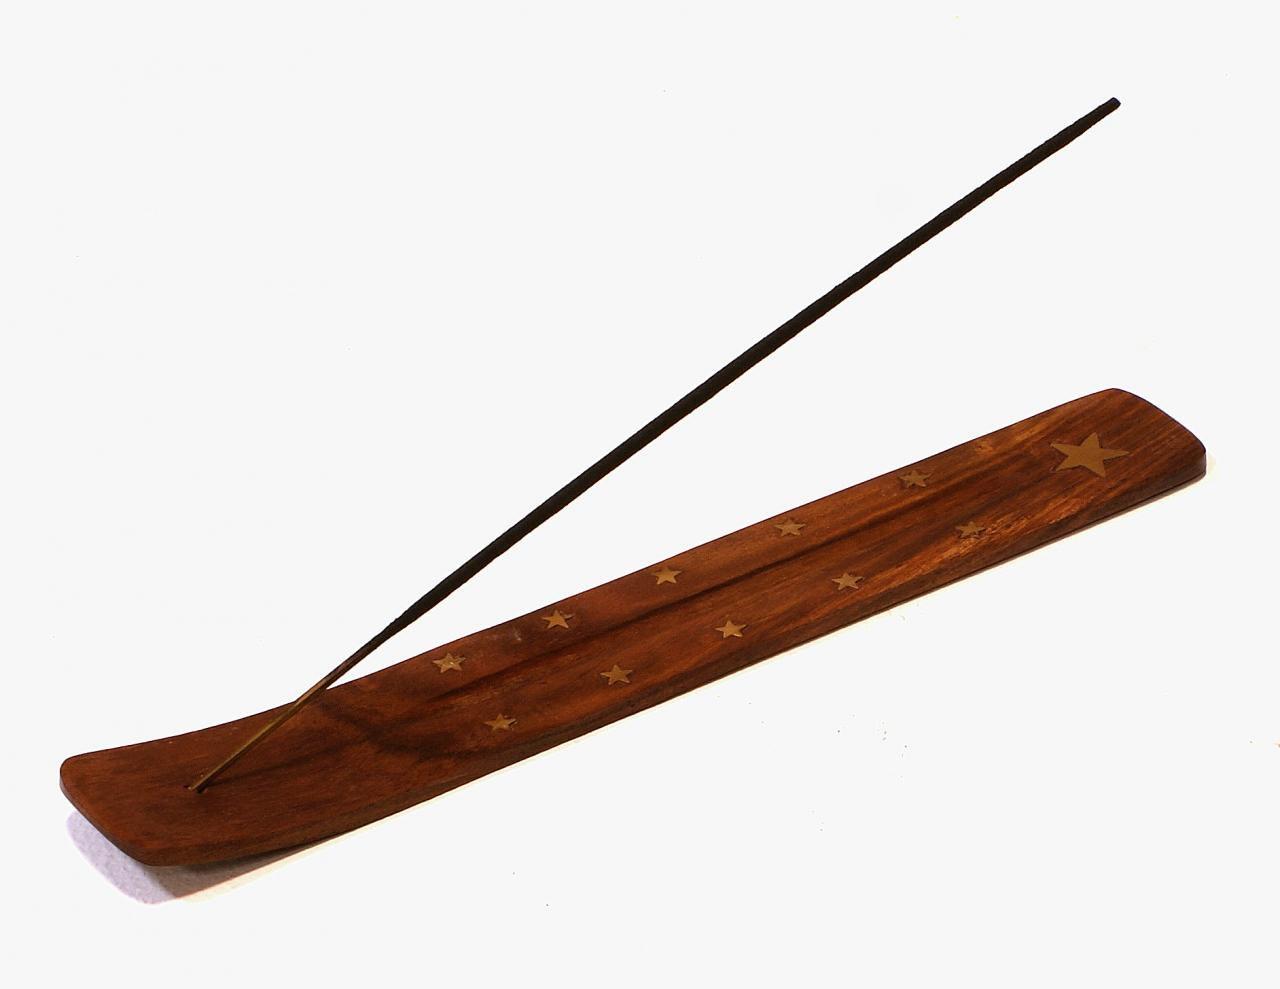 Podstawka pod kadzidelko drewniana indyjska